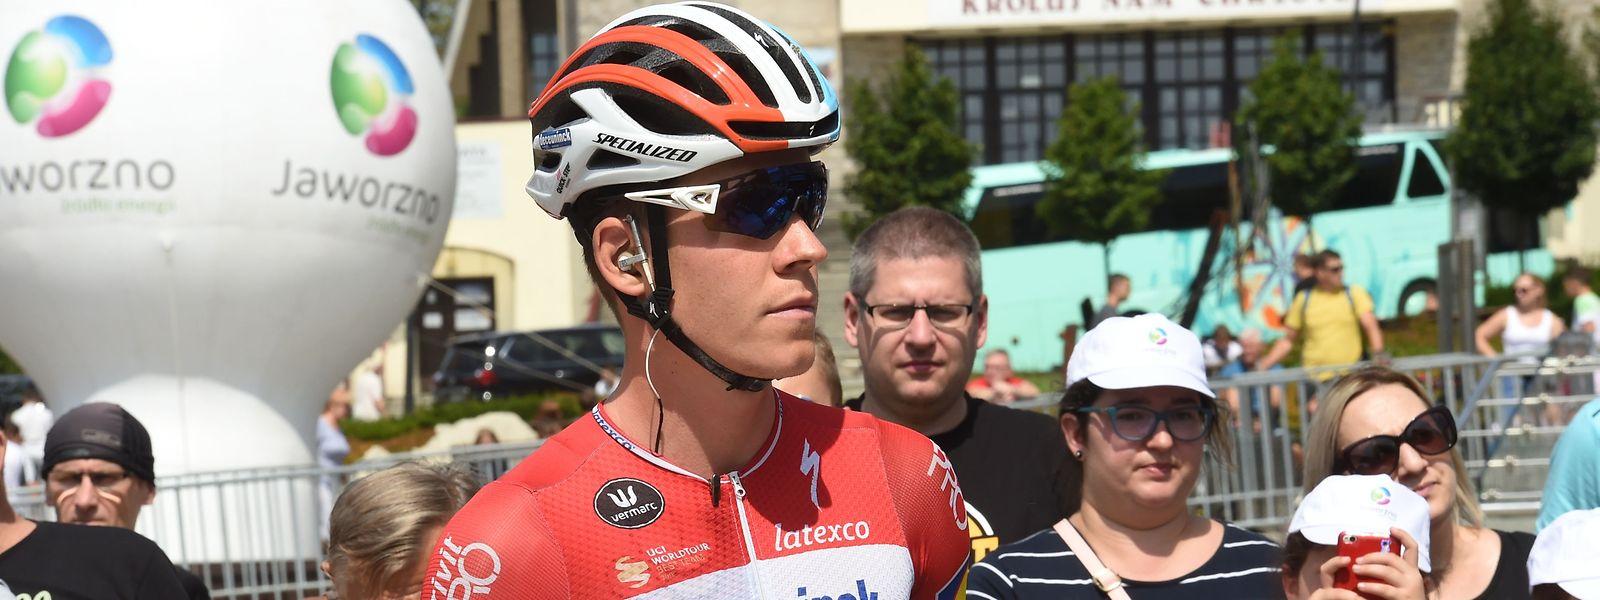 Bob Jungels disputera le Tour de Slovénie  avant de s'aligner aux Mondiaux.